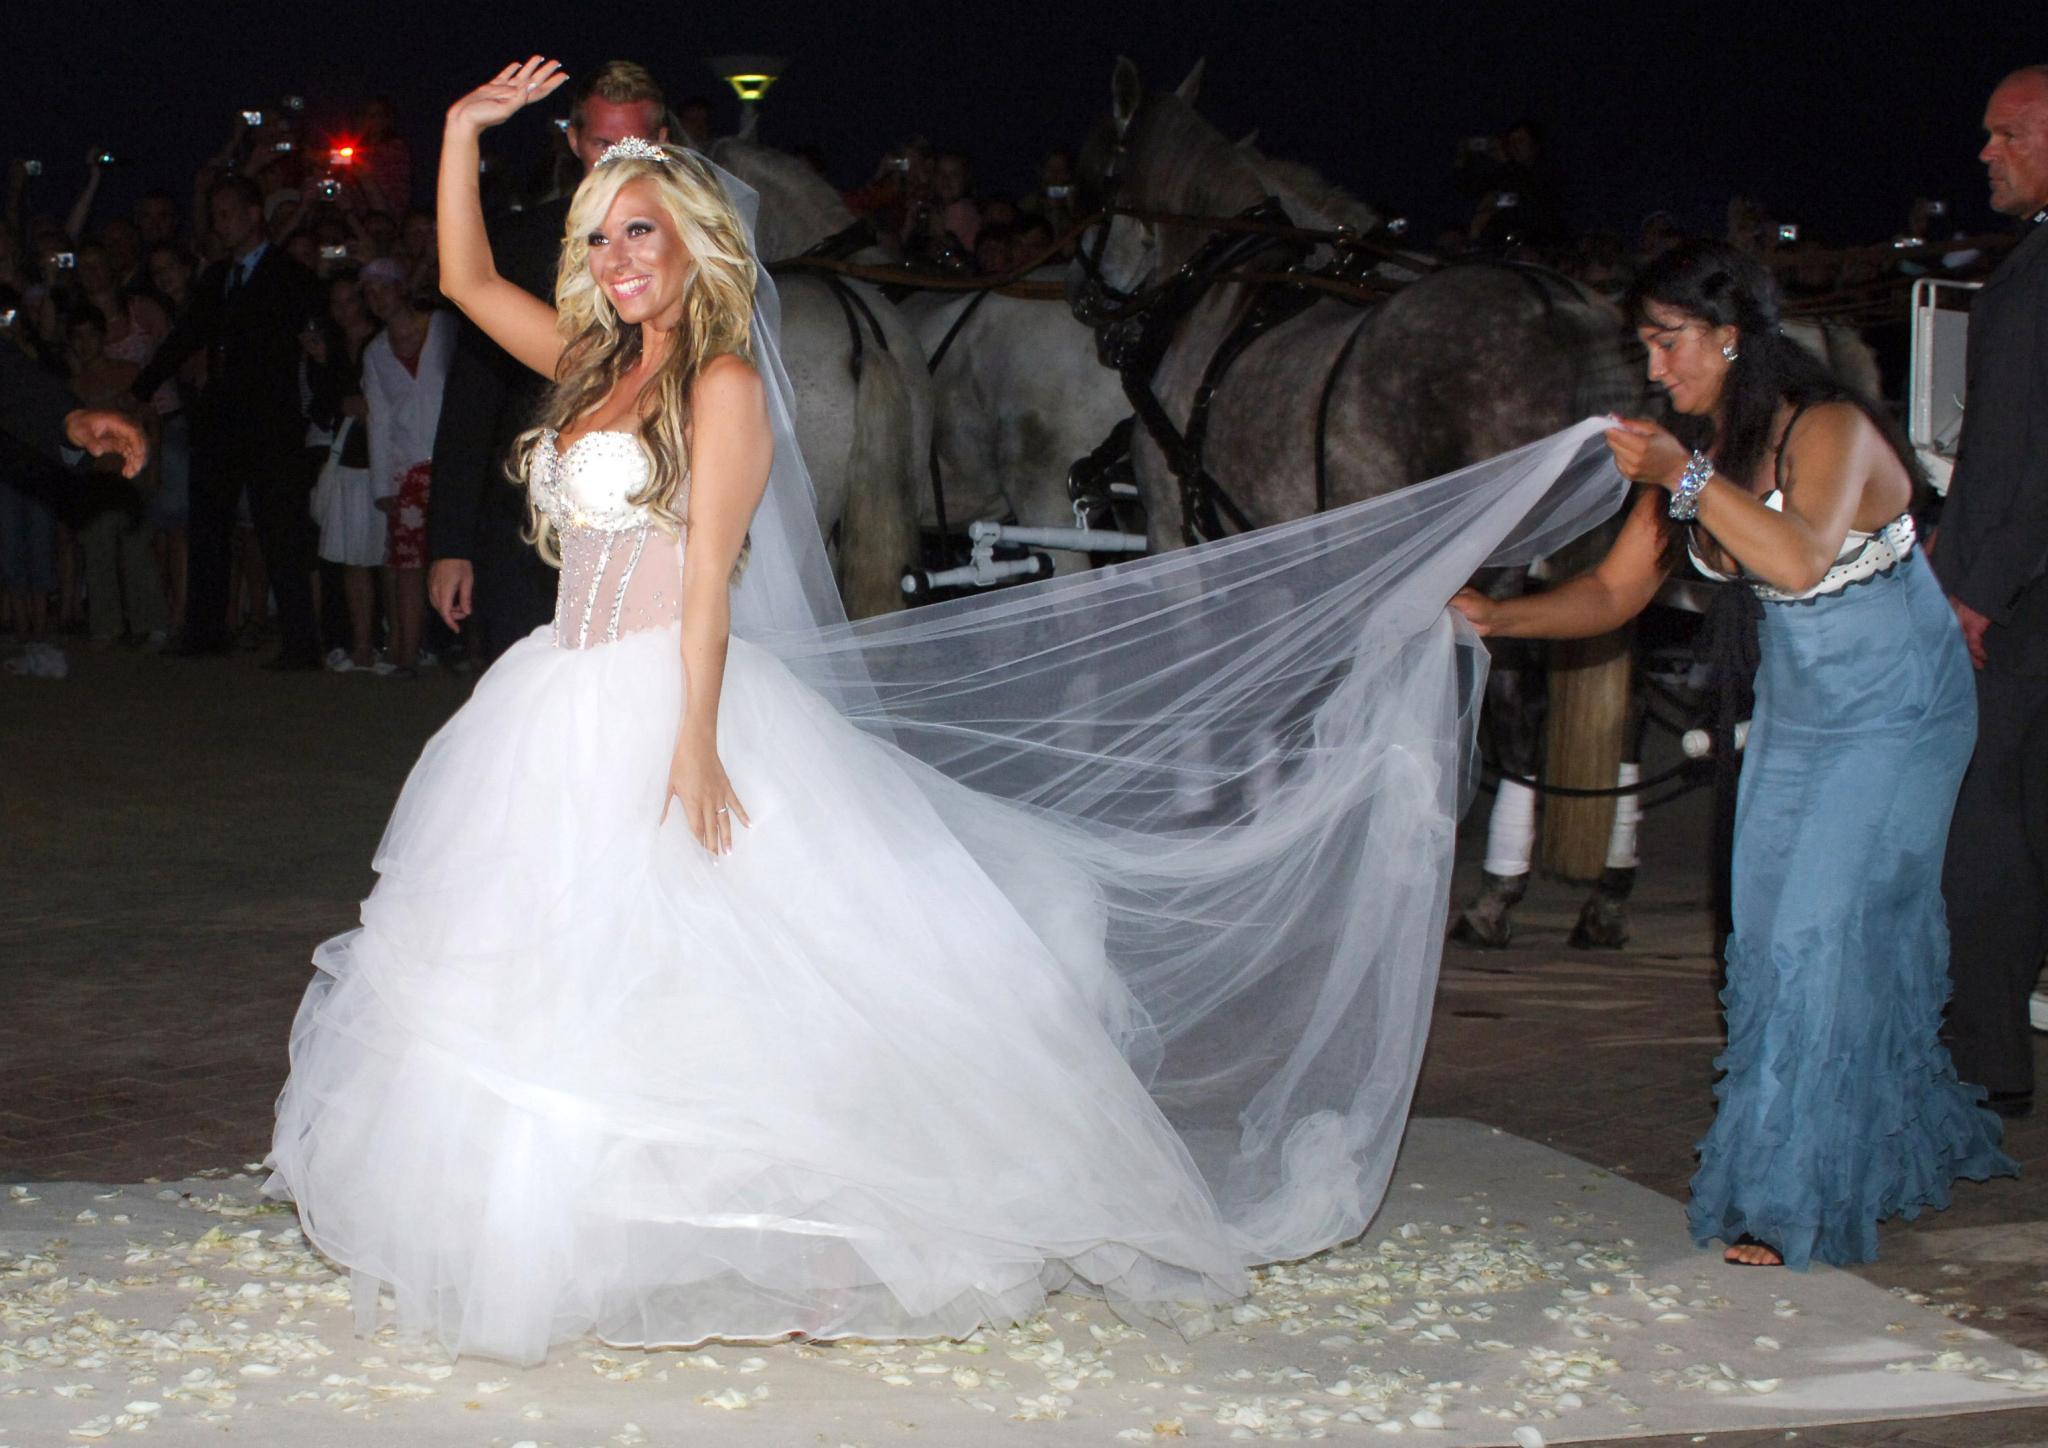 Hochzeit Katzenberger  Daniela Katzenberger Fotos ihres Wunsch Hochzeitskleides